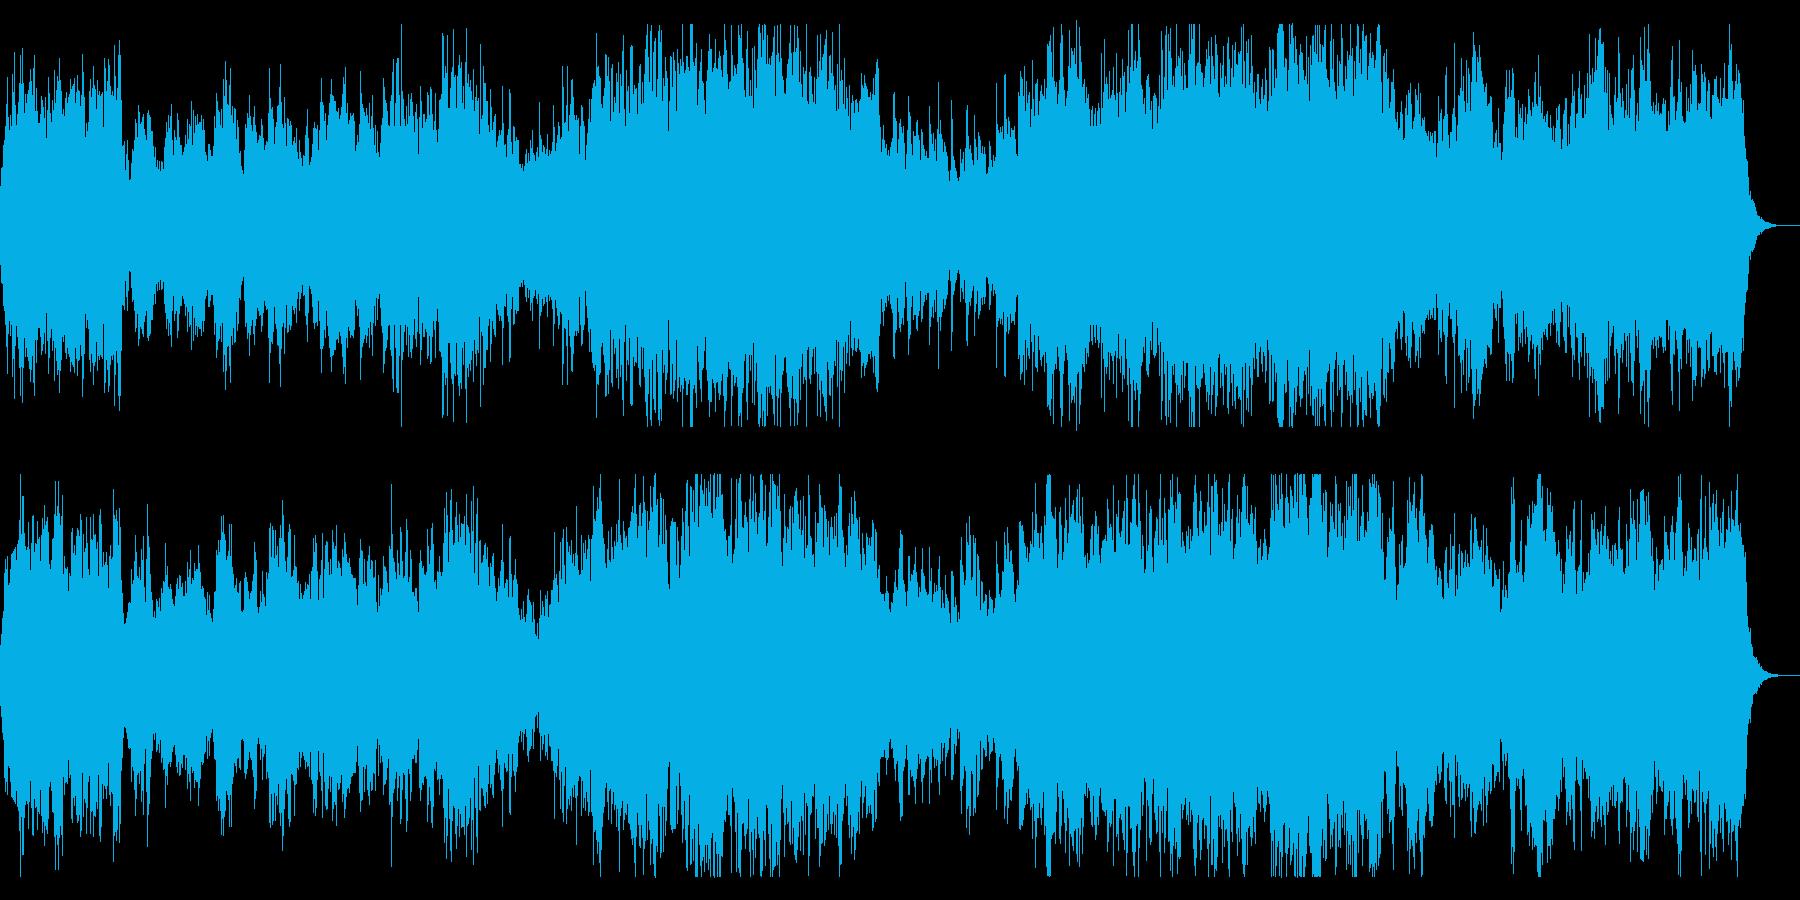 ダークファンタジー向け 荘厳、幻想的な曲の再生済みの波形